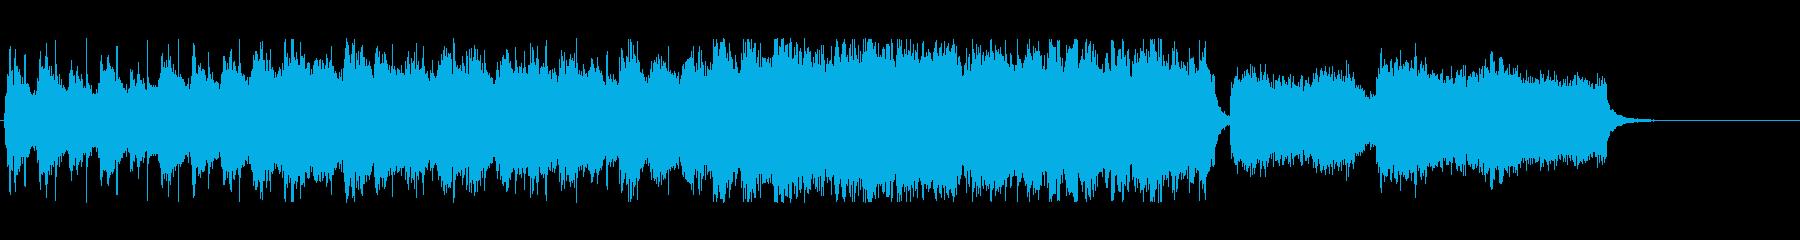 メルヘン 夢 ディズニー 子供 遊園地の再生済みの波形